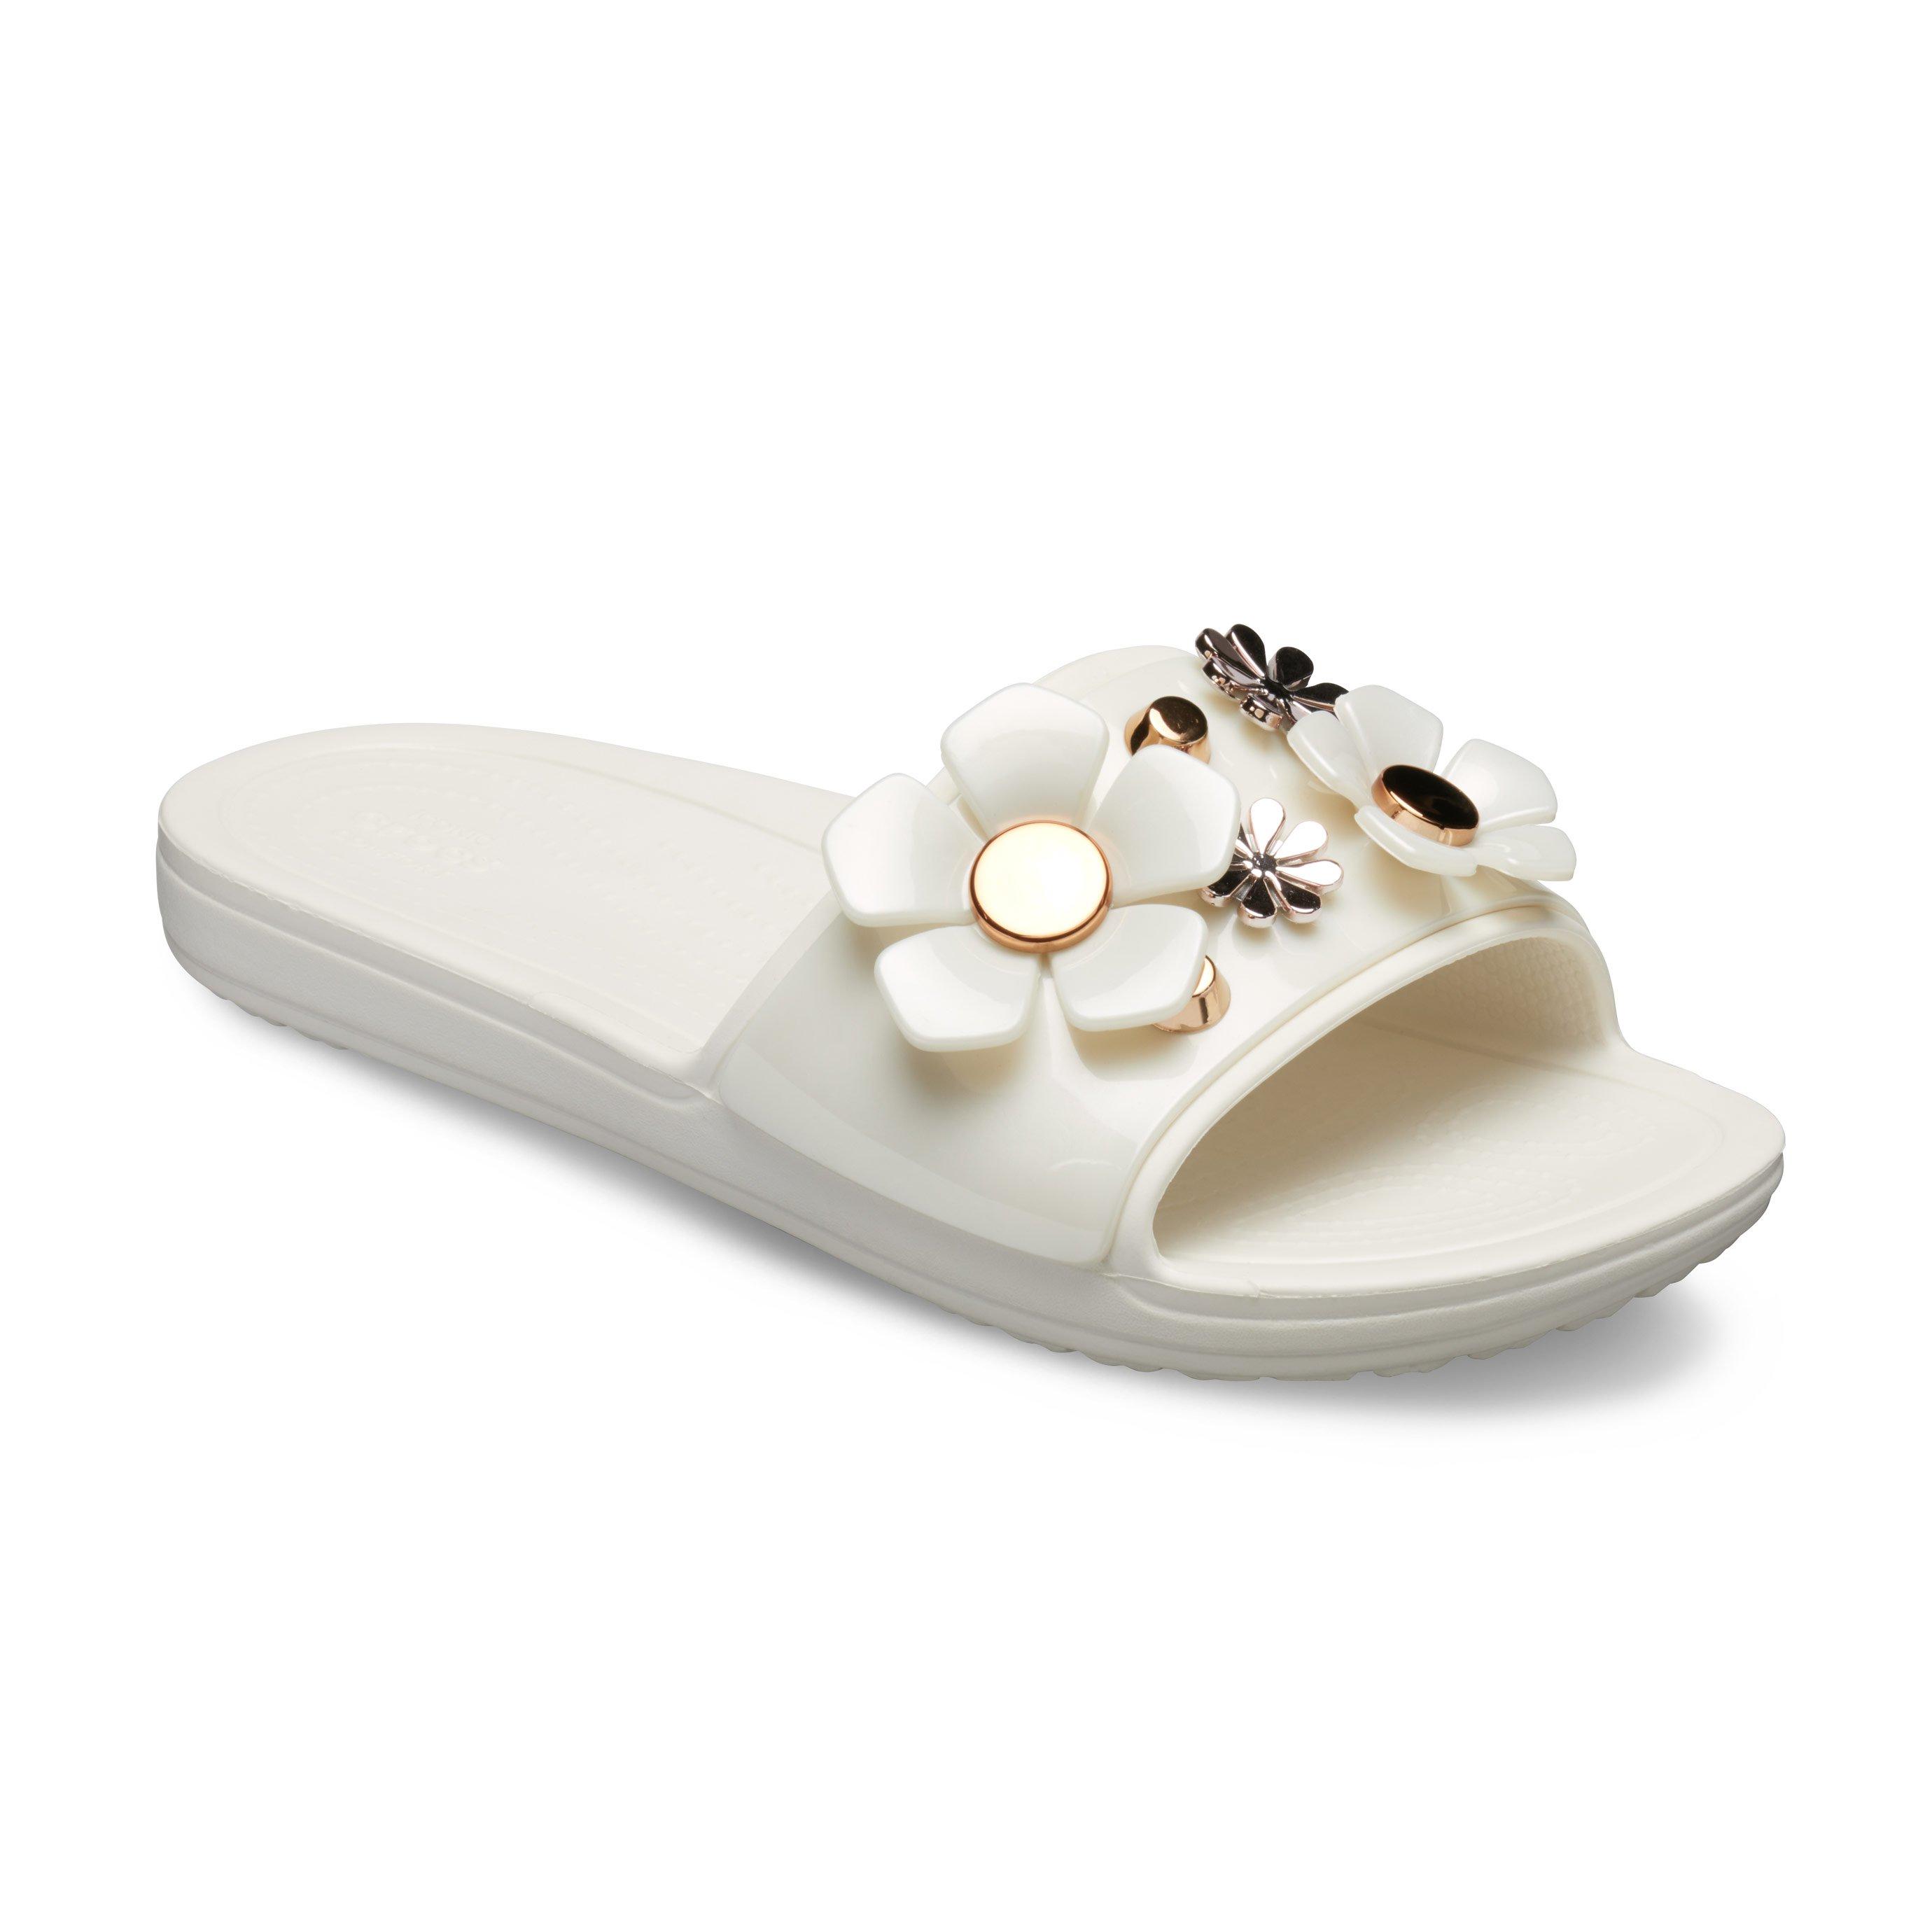 Crocssloane Metal Blooms Sld W - כפכף בעיטור פרחים בצבע לבןזהב